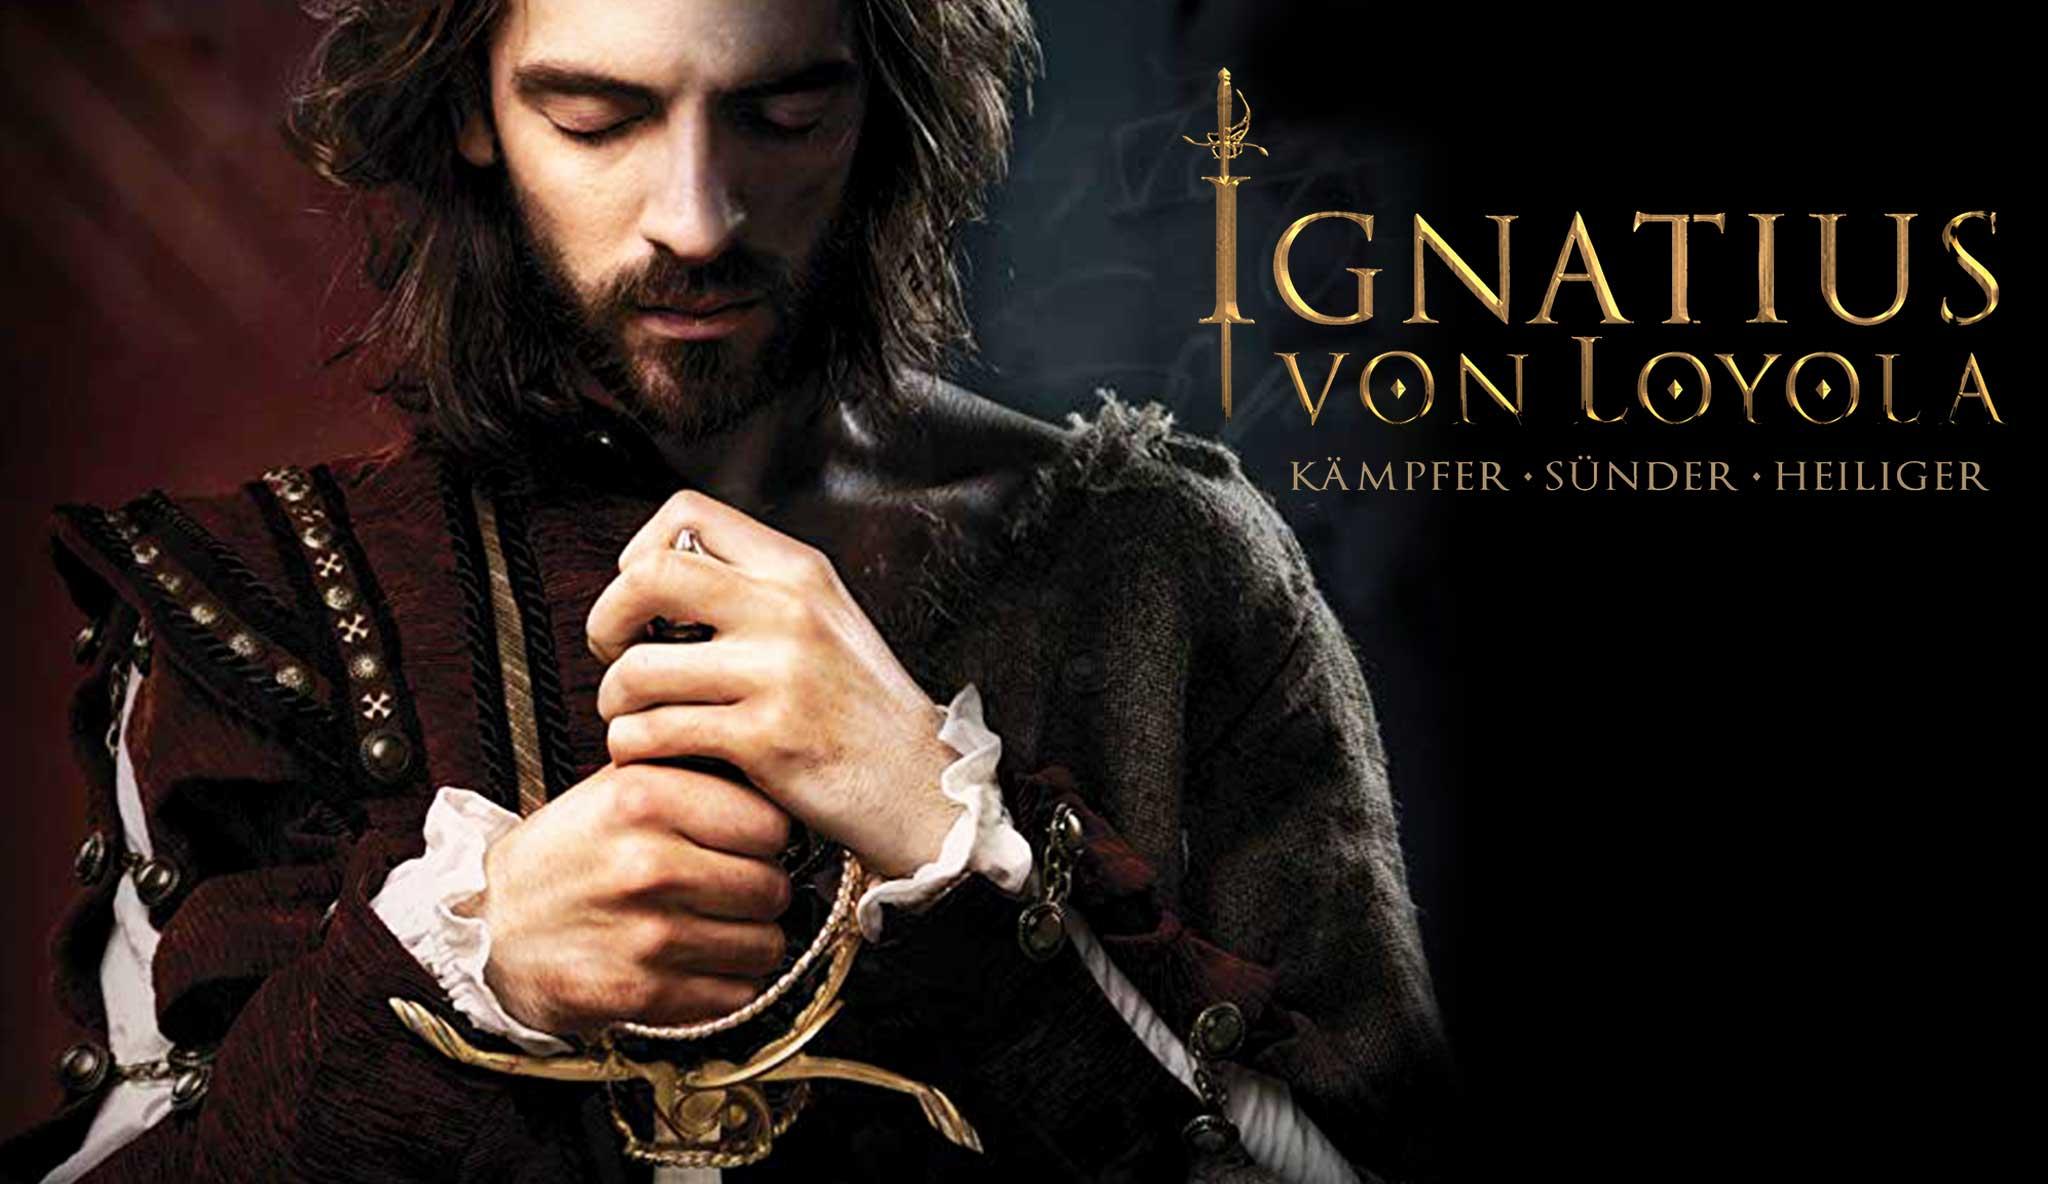 ignatius-von-loyola\header.jpg